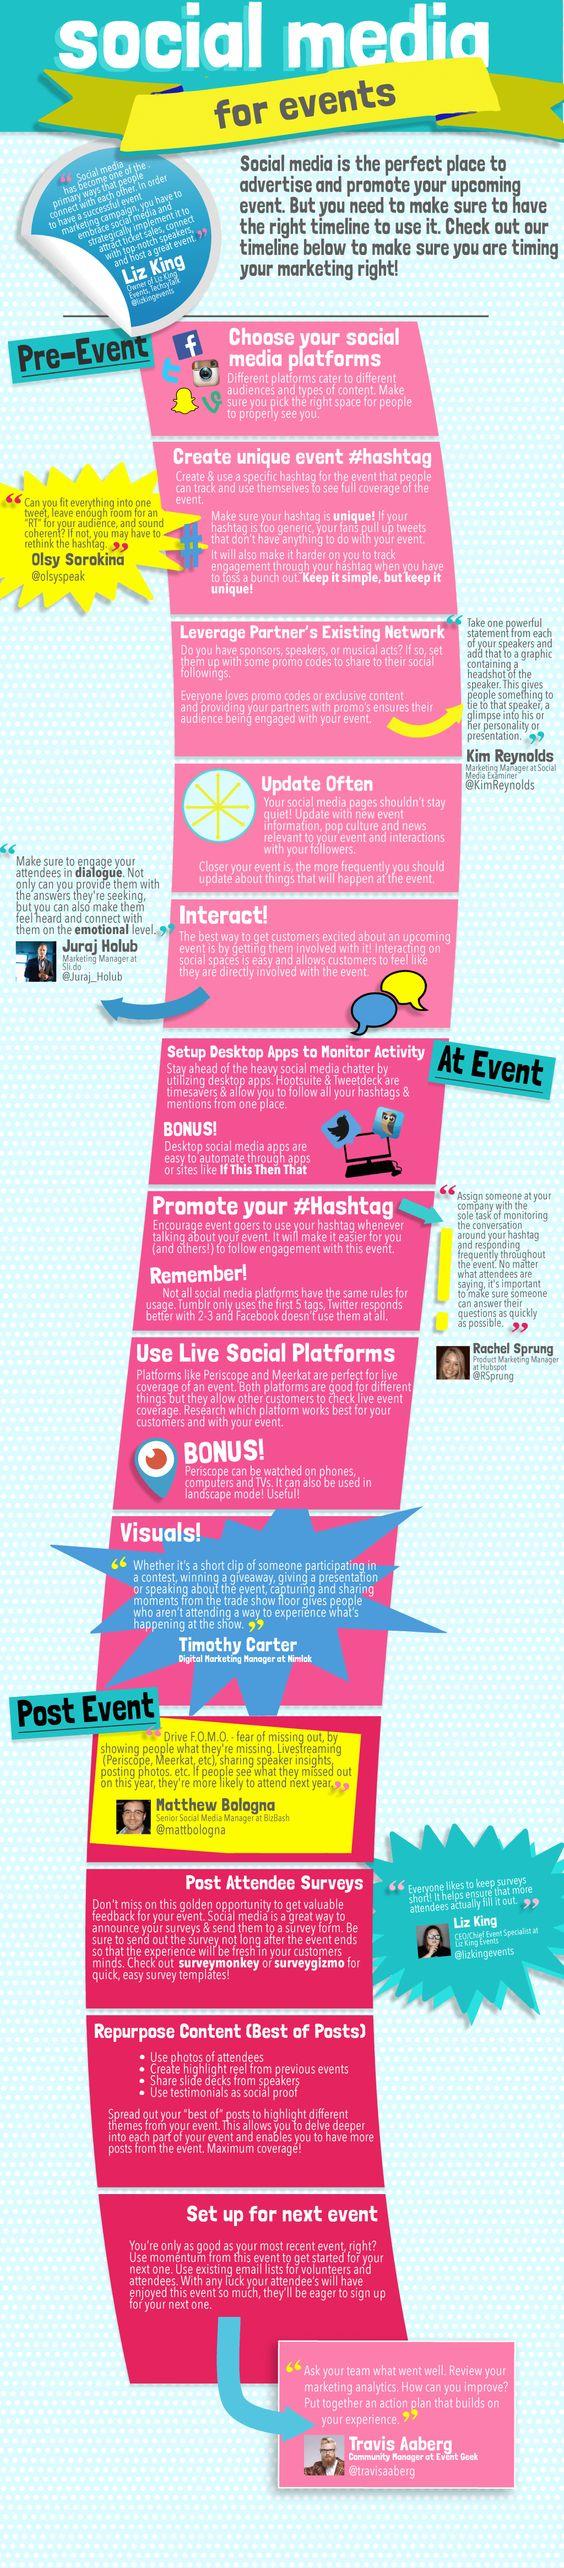 Te contamos cómo debes usar las redes sociales en un evento